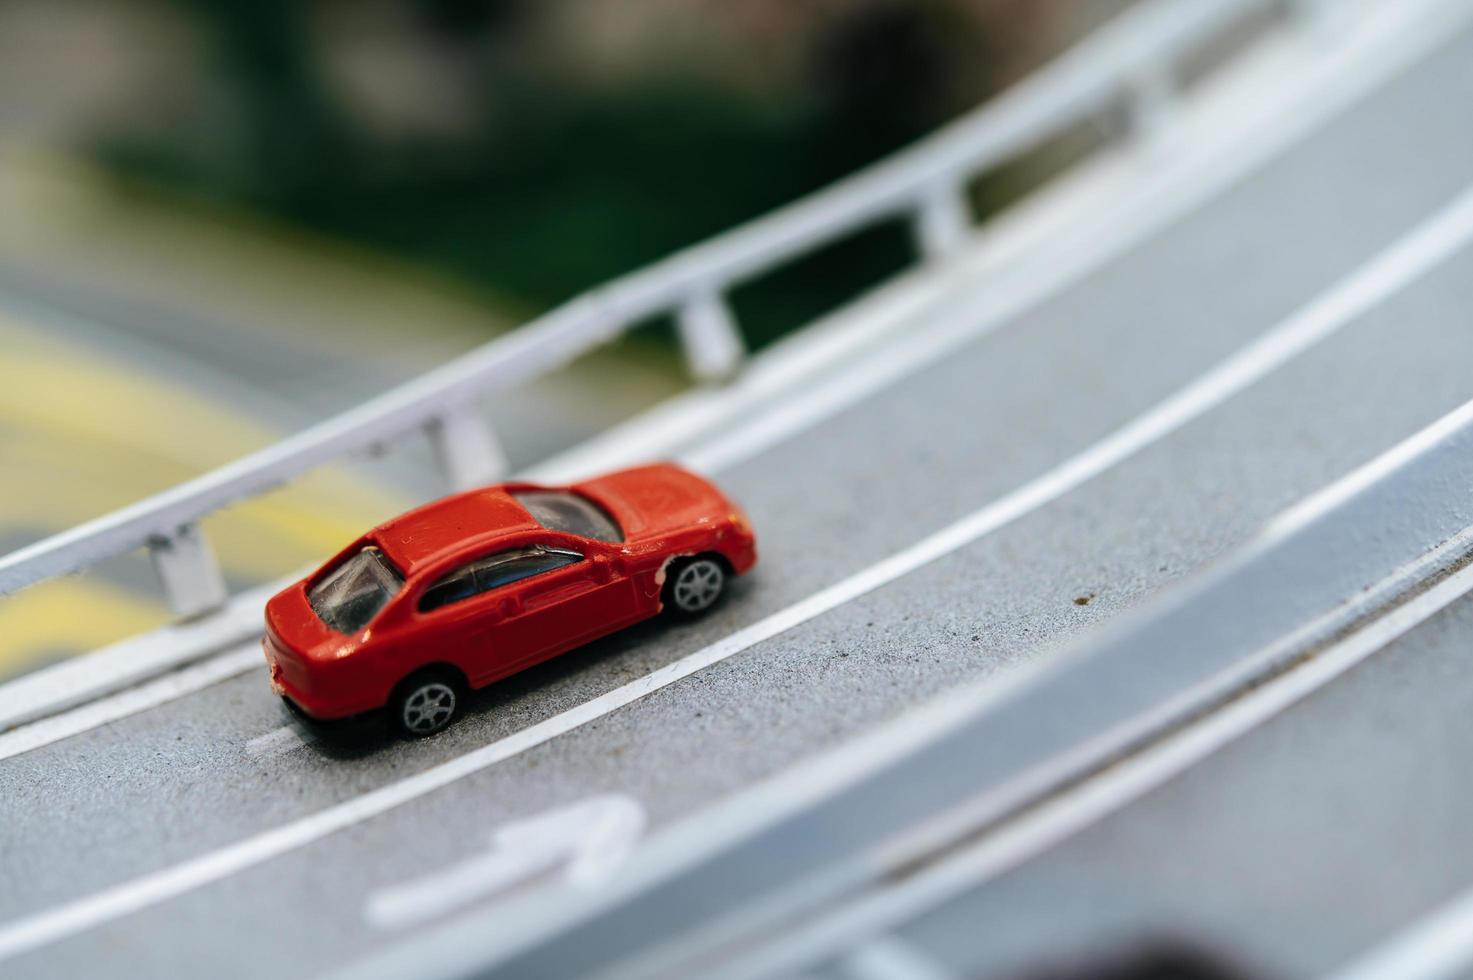 tráfego de mudança de inclinação em miniatura foto